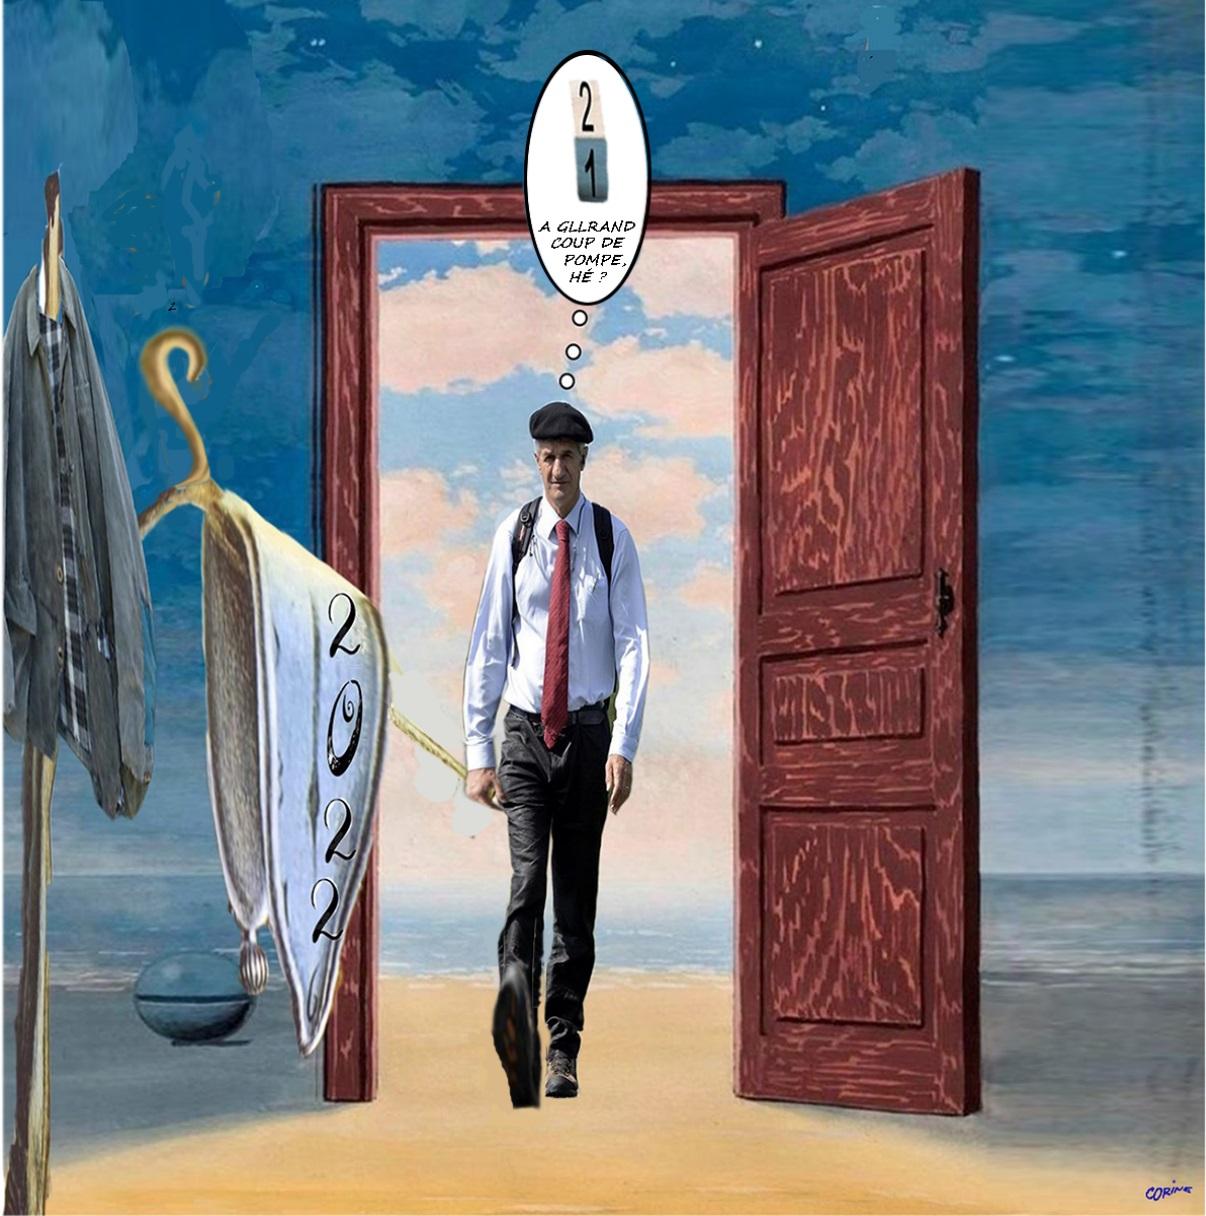 Jean Lassalle surréaliste Magritte et Dali&point d'interrog.  .jpg